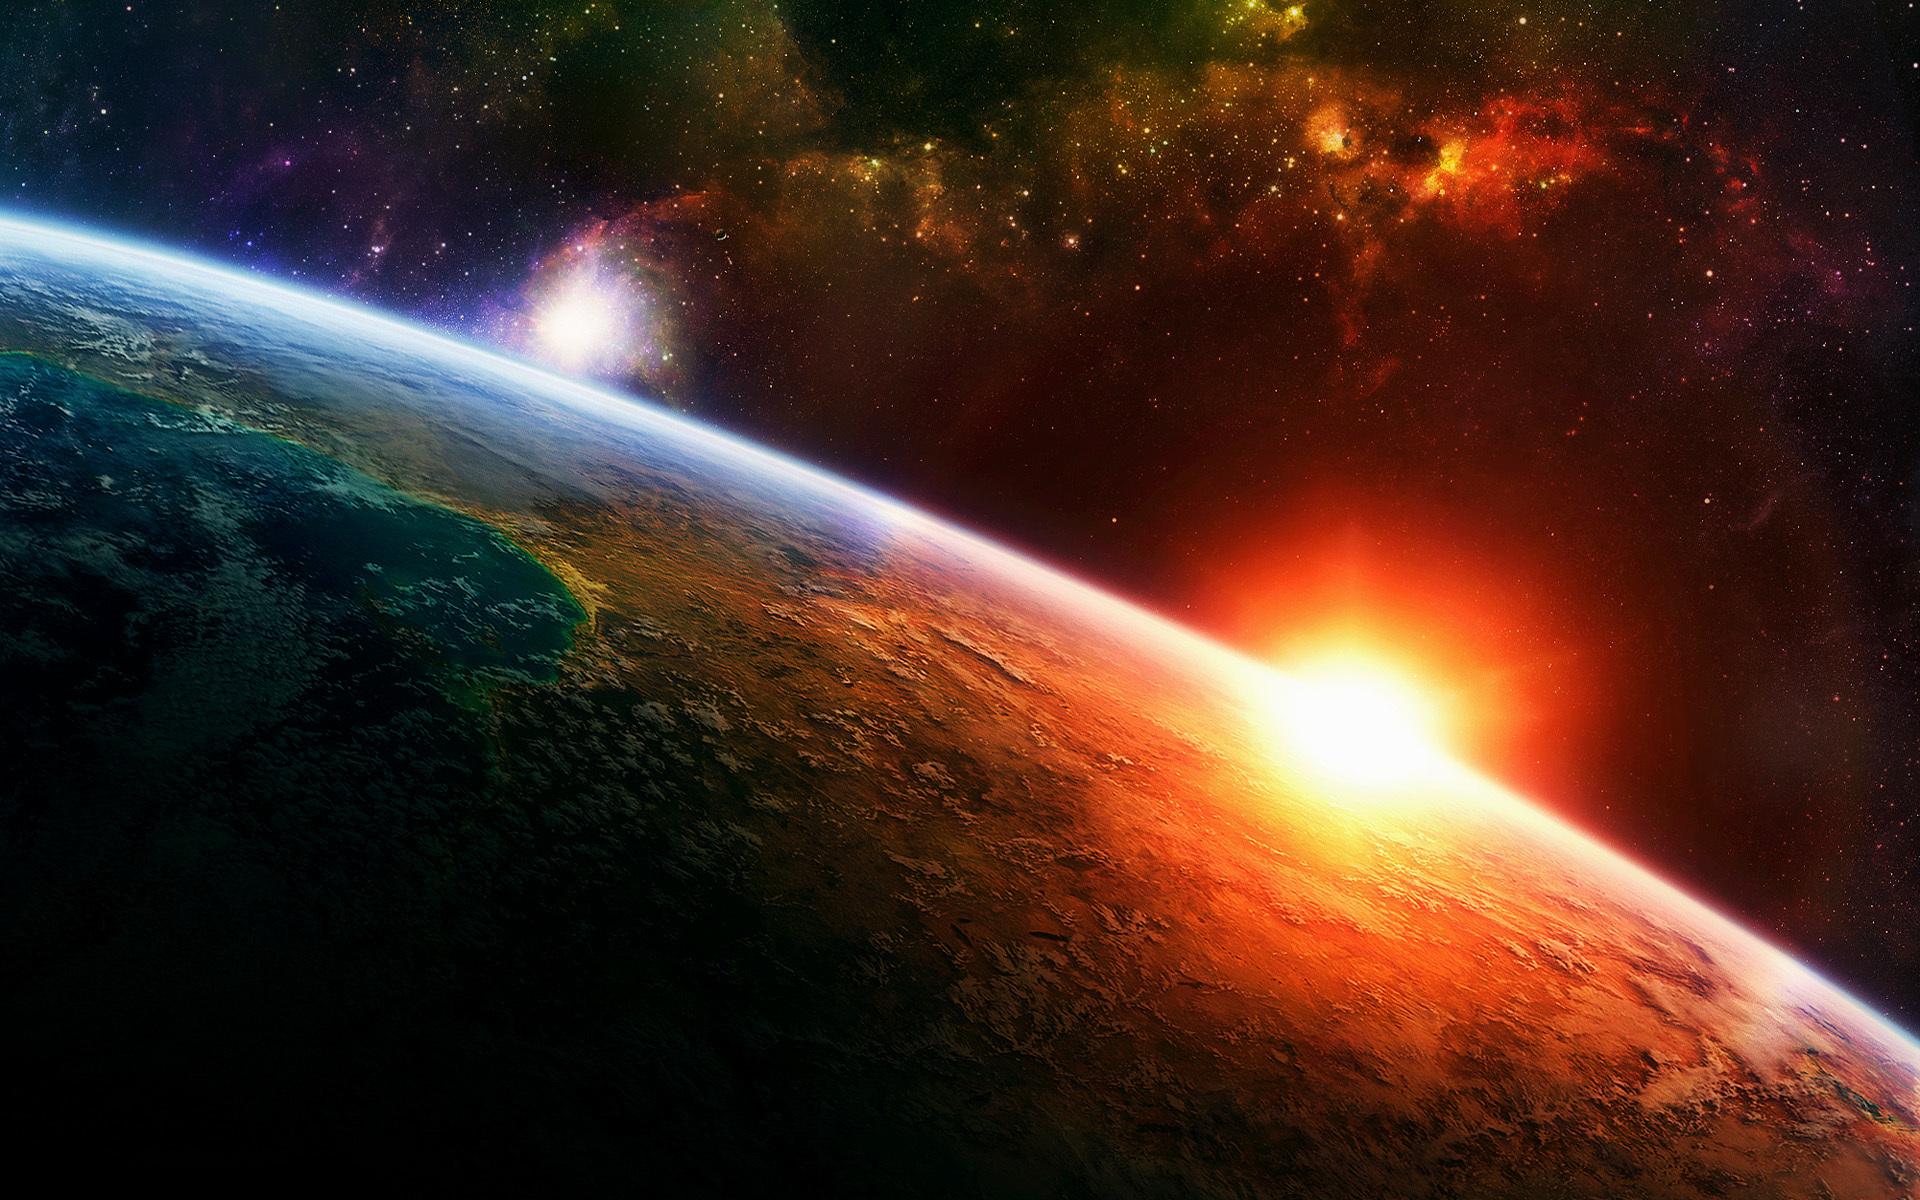 49708 скачать обои Планеты, Пейзаж, Космос, Солнце - заставки и картинки бесплатно